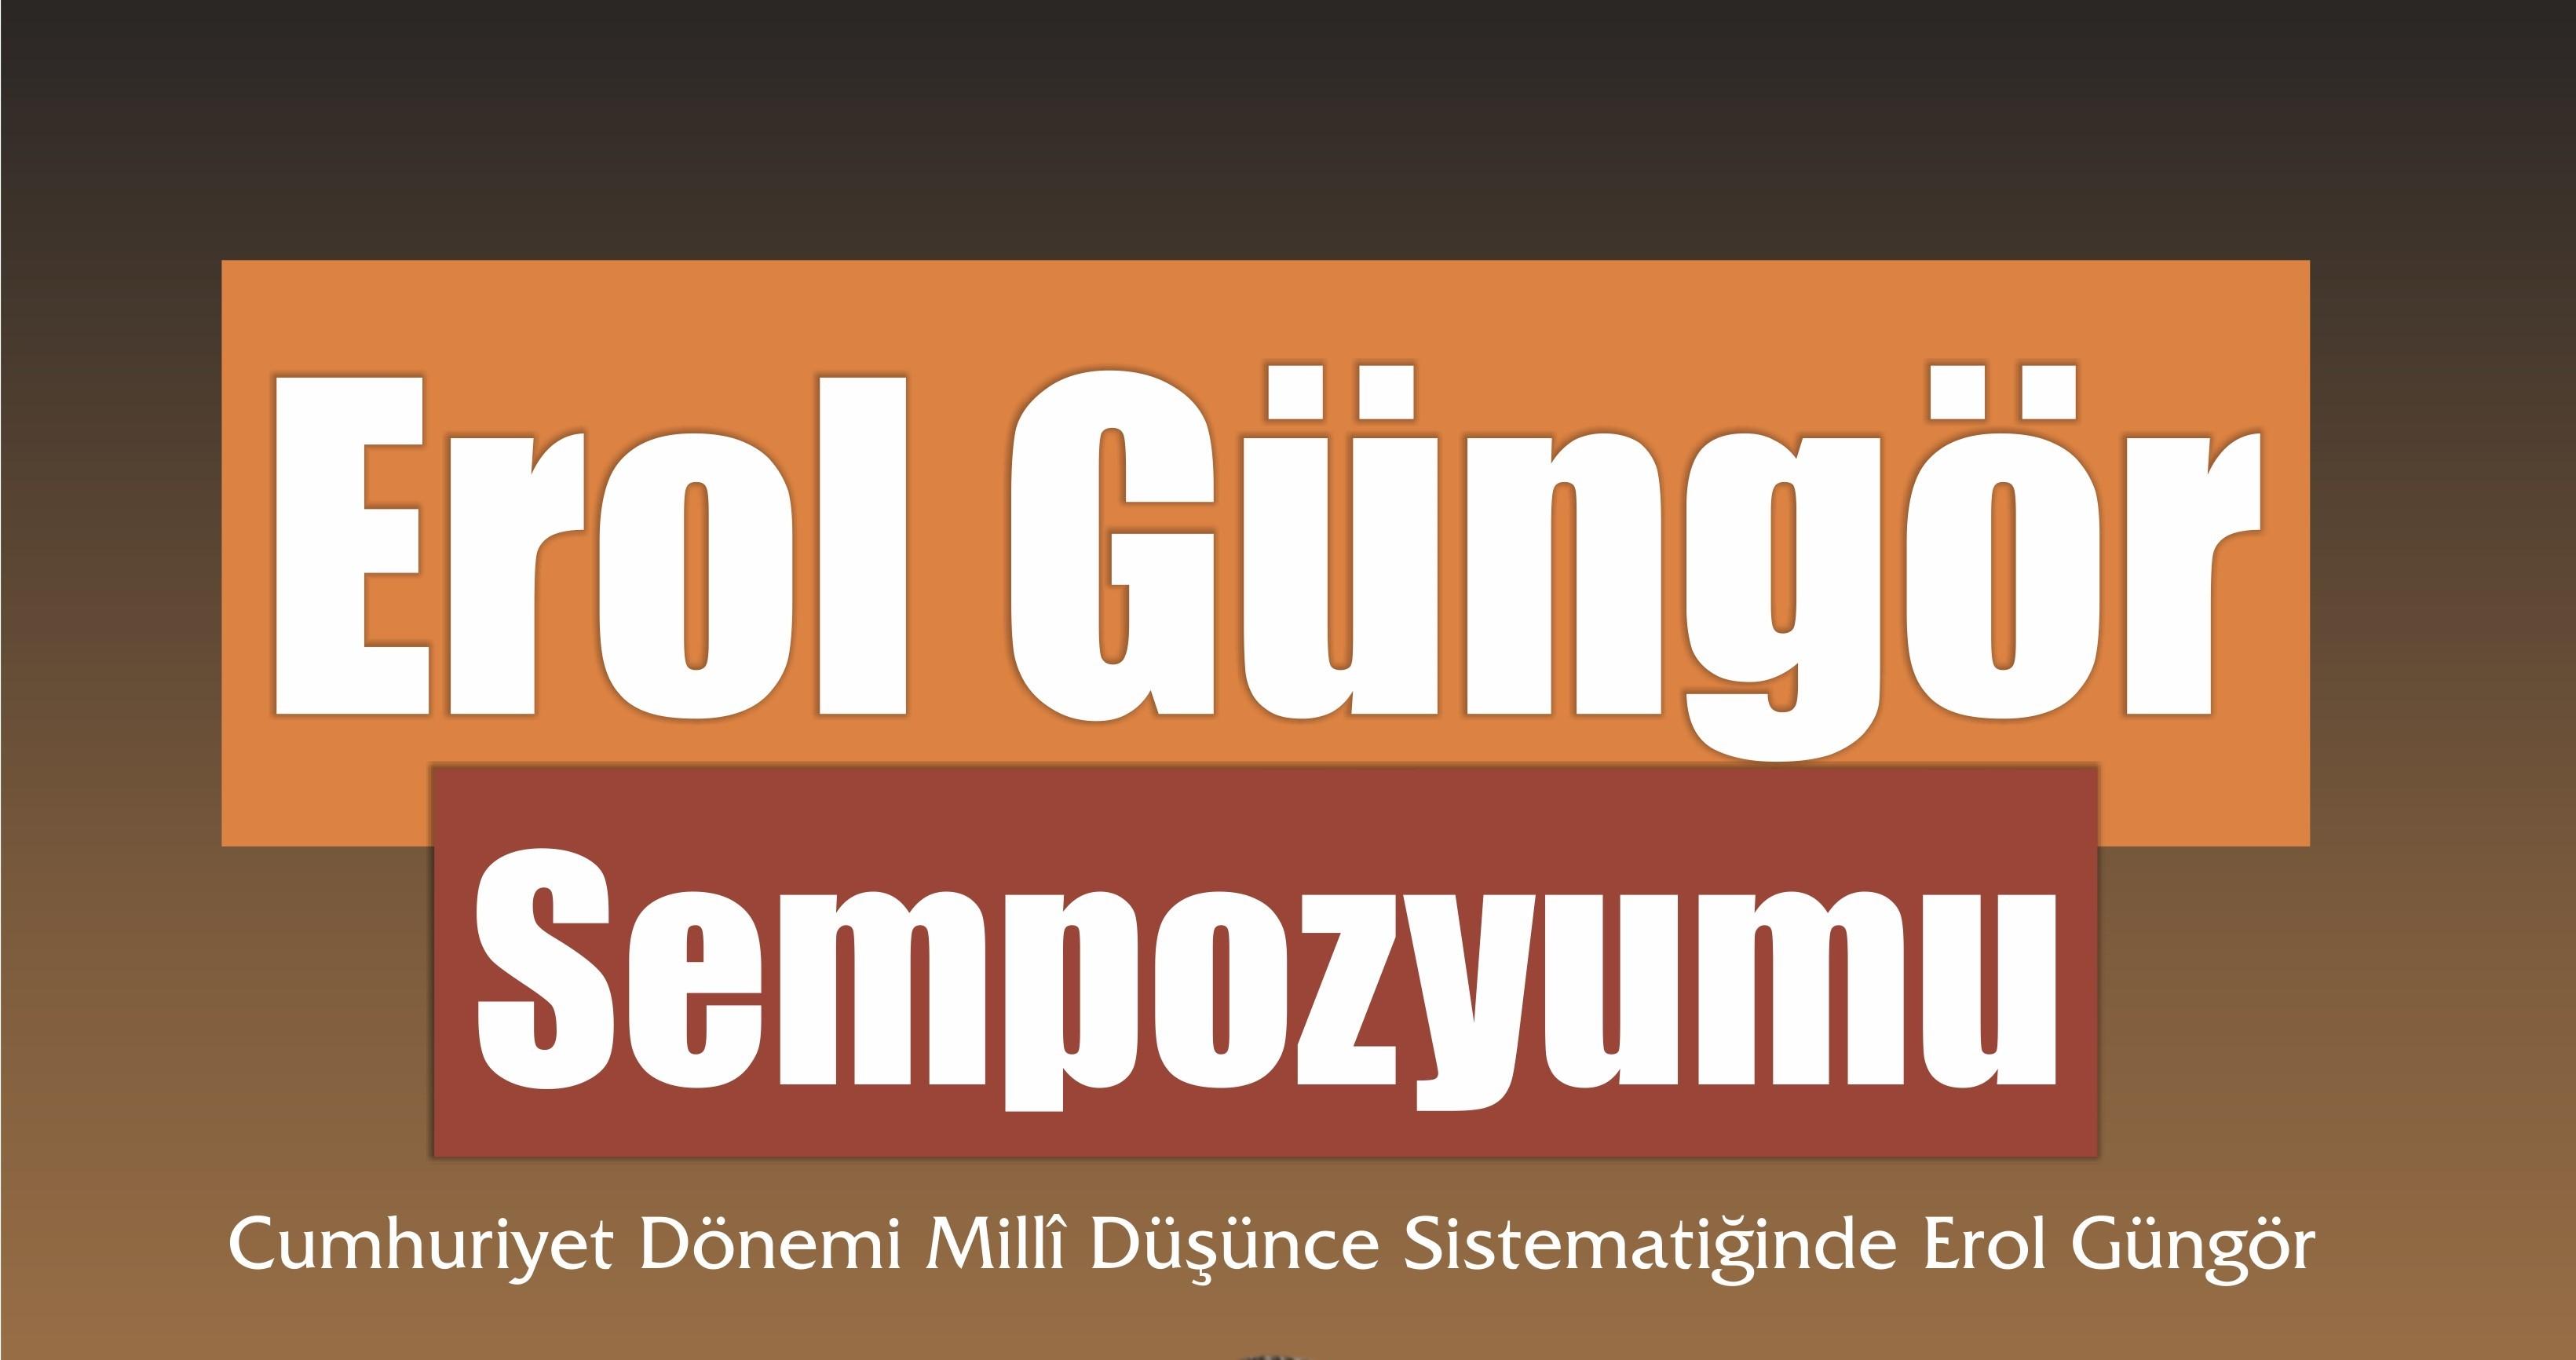 Erol Güngör memleketi Kırşehir'de yâd edilecek